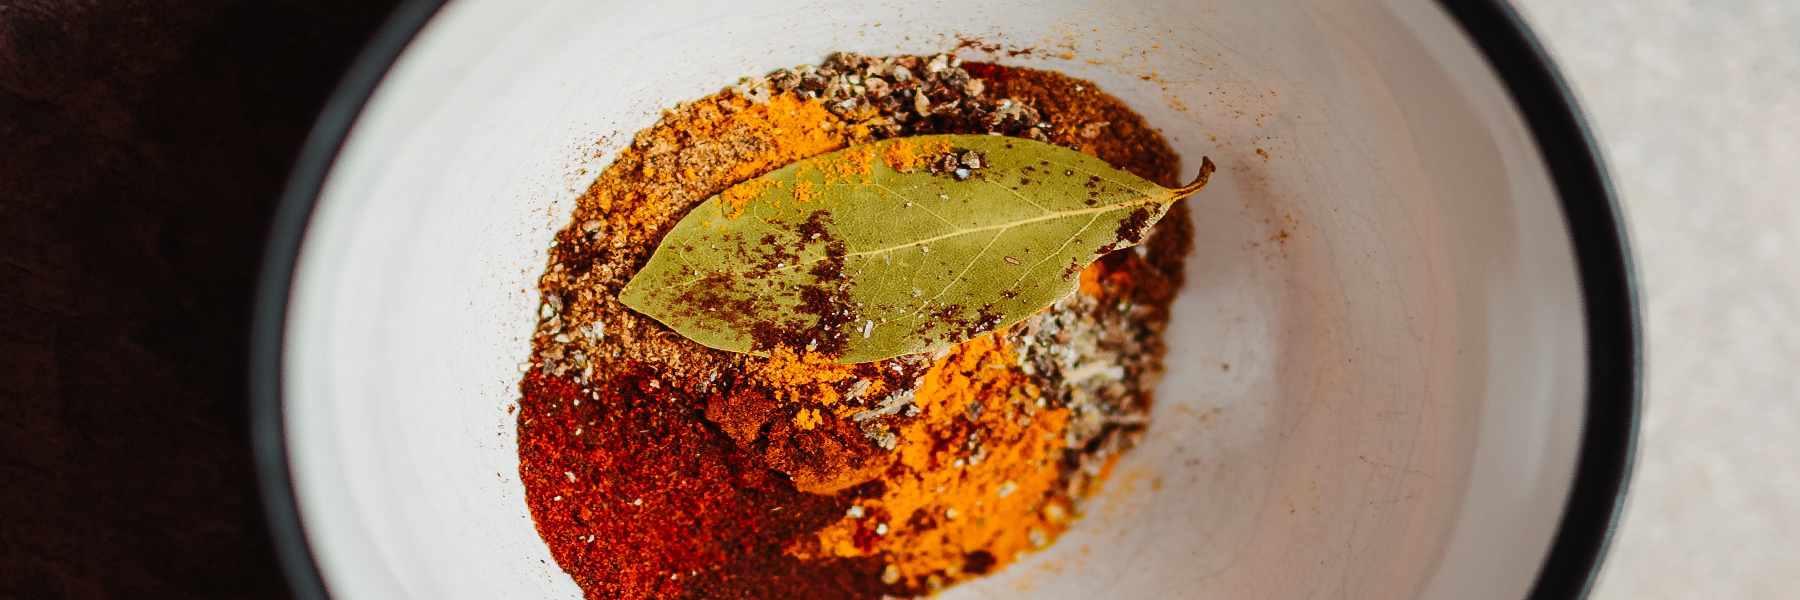 Especias utilizadas para cocinar en la India